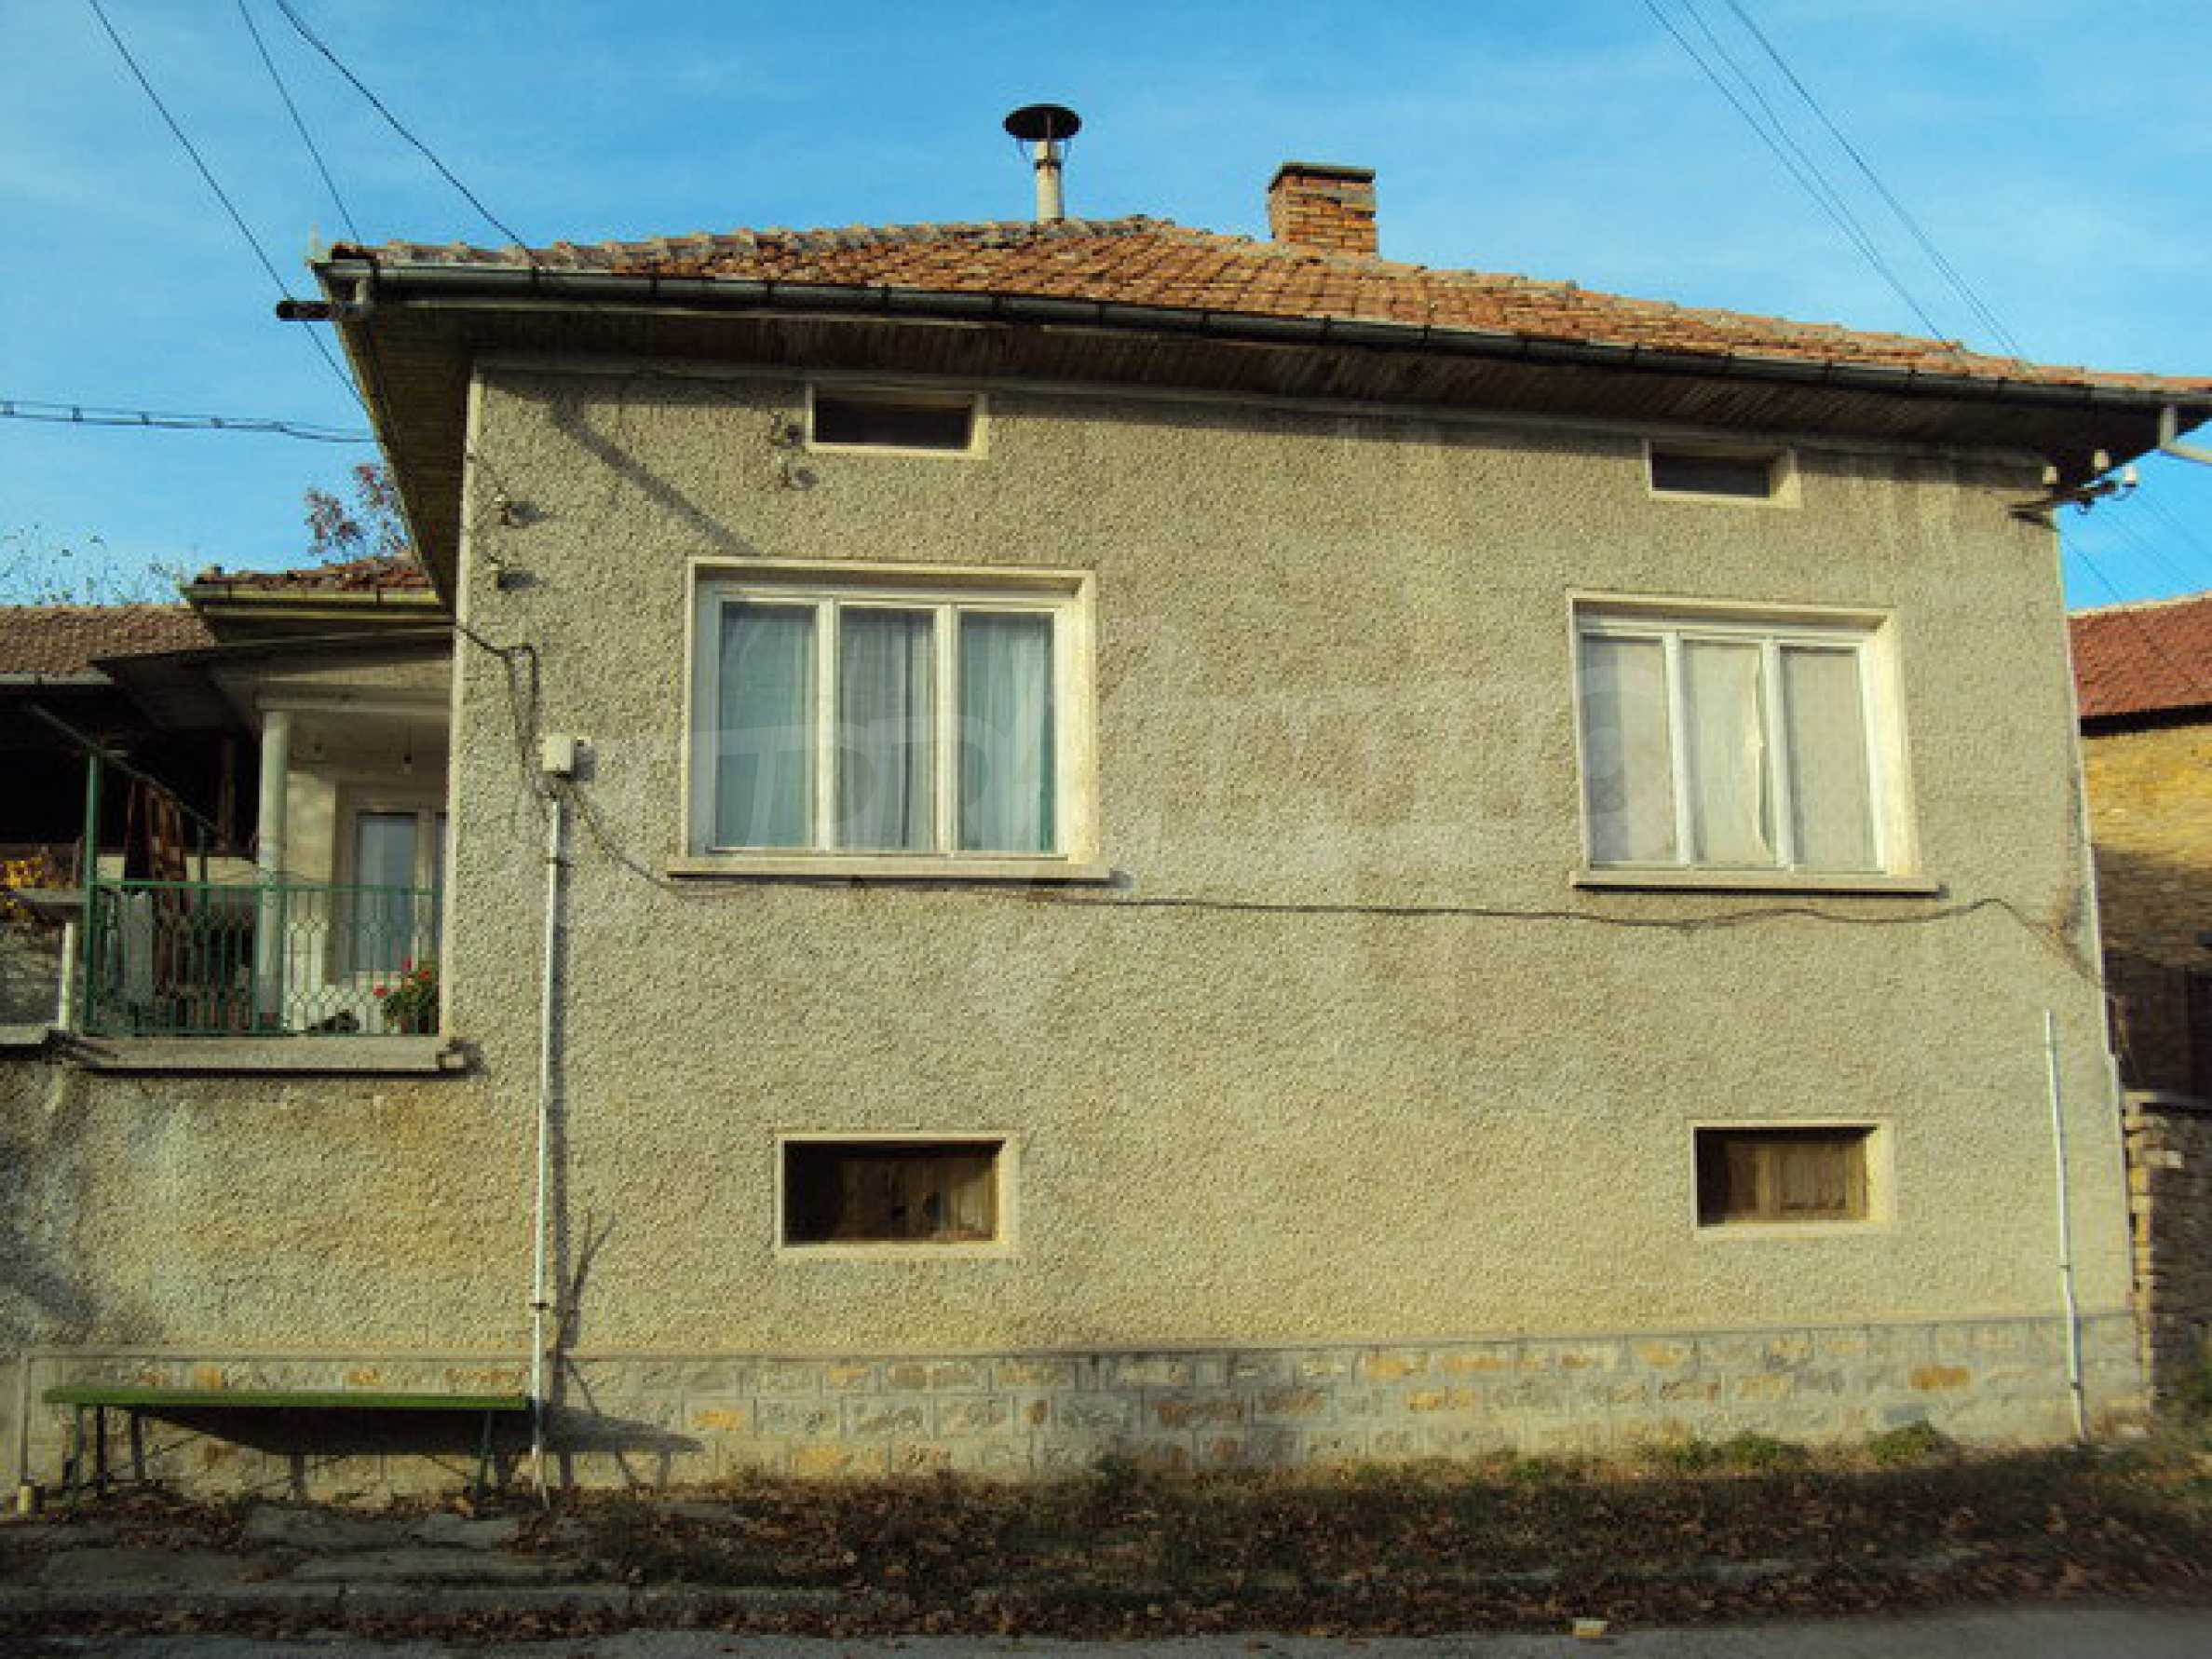 Massives zweistöckiges Haus in einem Dorf 40 km. von Veliko Tarnovo